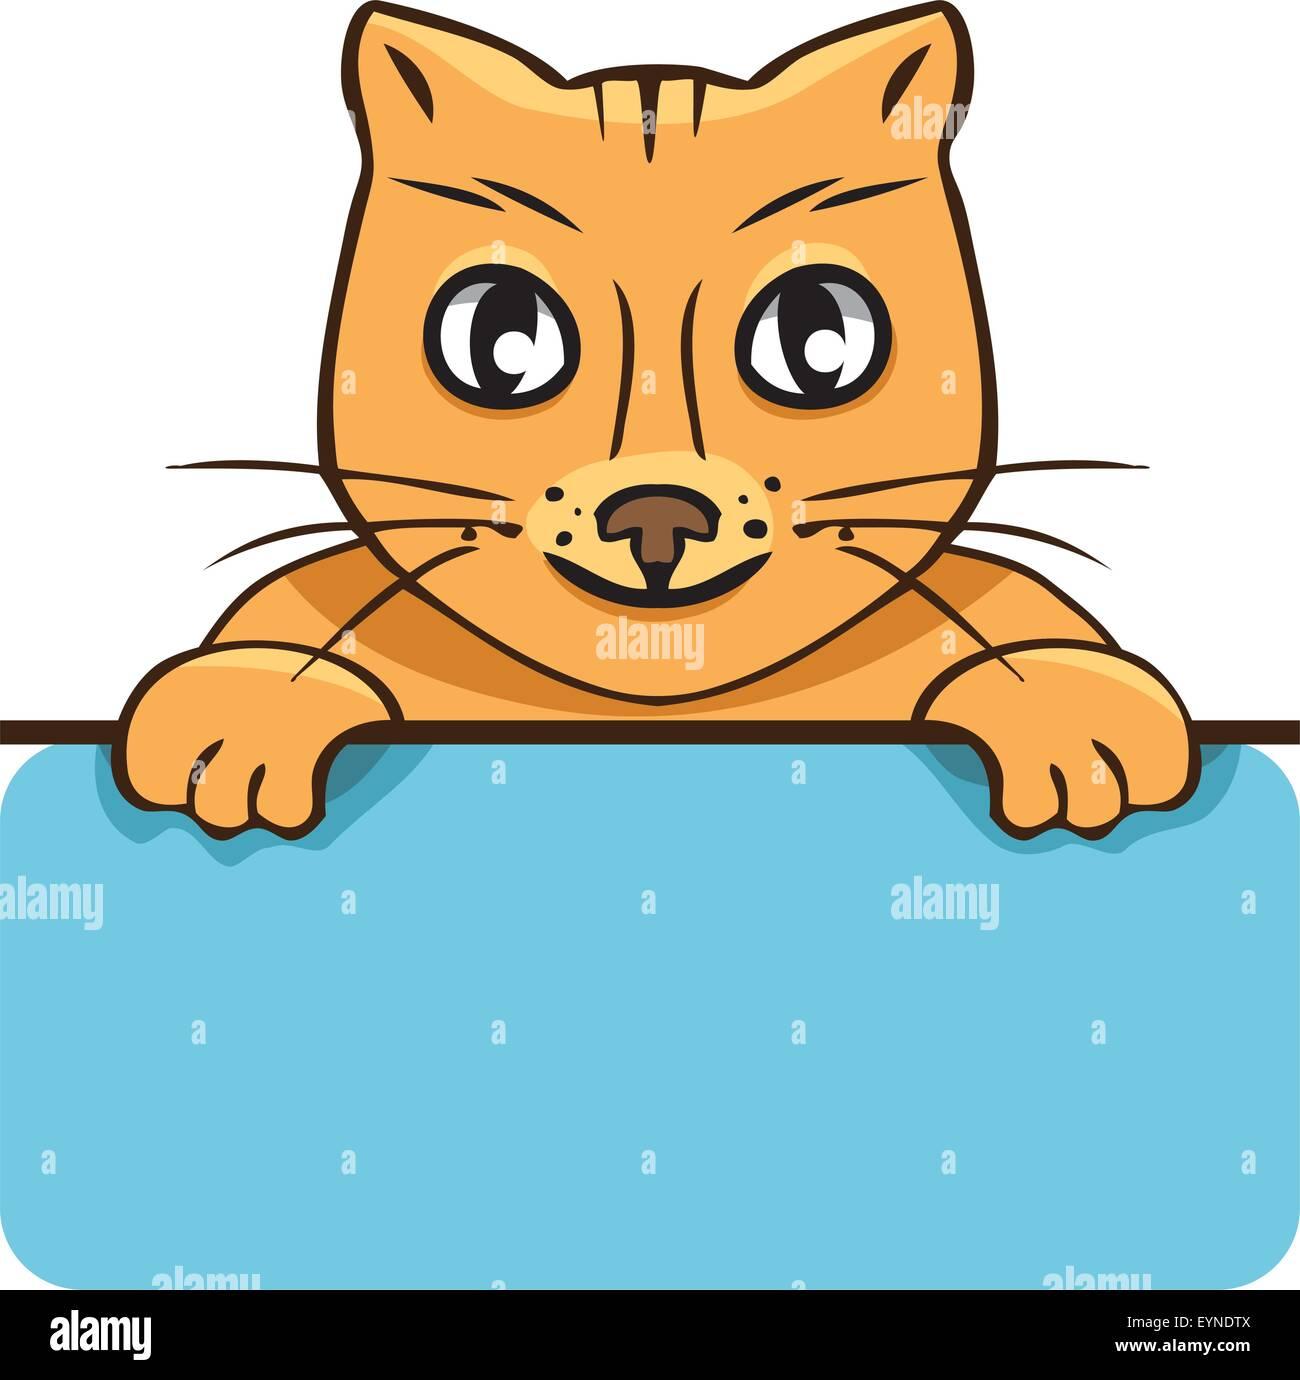 Cartoon vectores cat con un cartel sobre un fondo blanco. Imagen De Stock